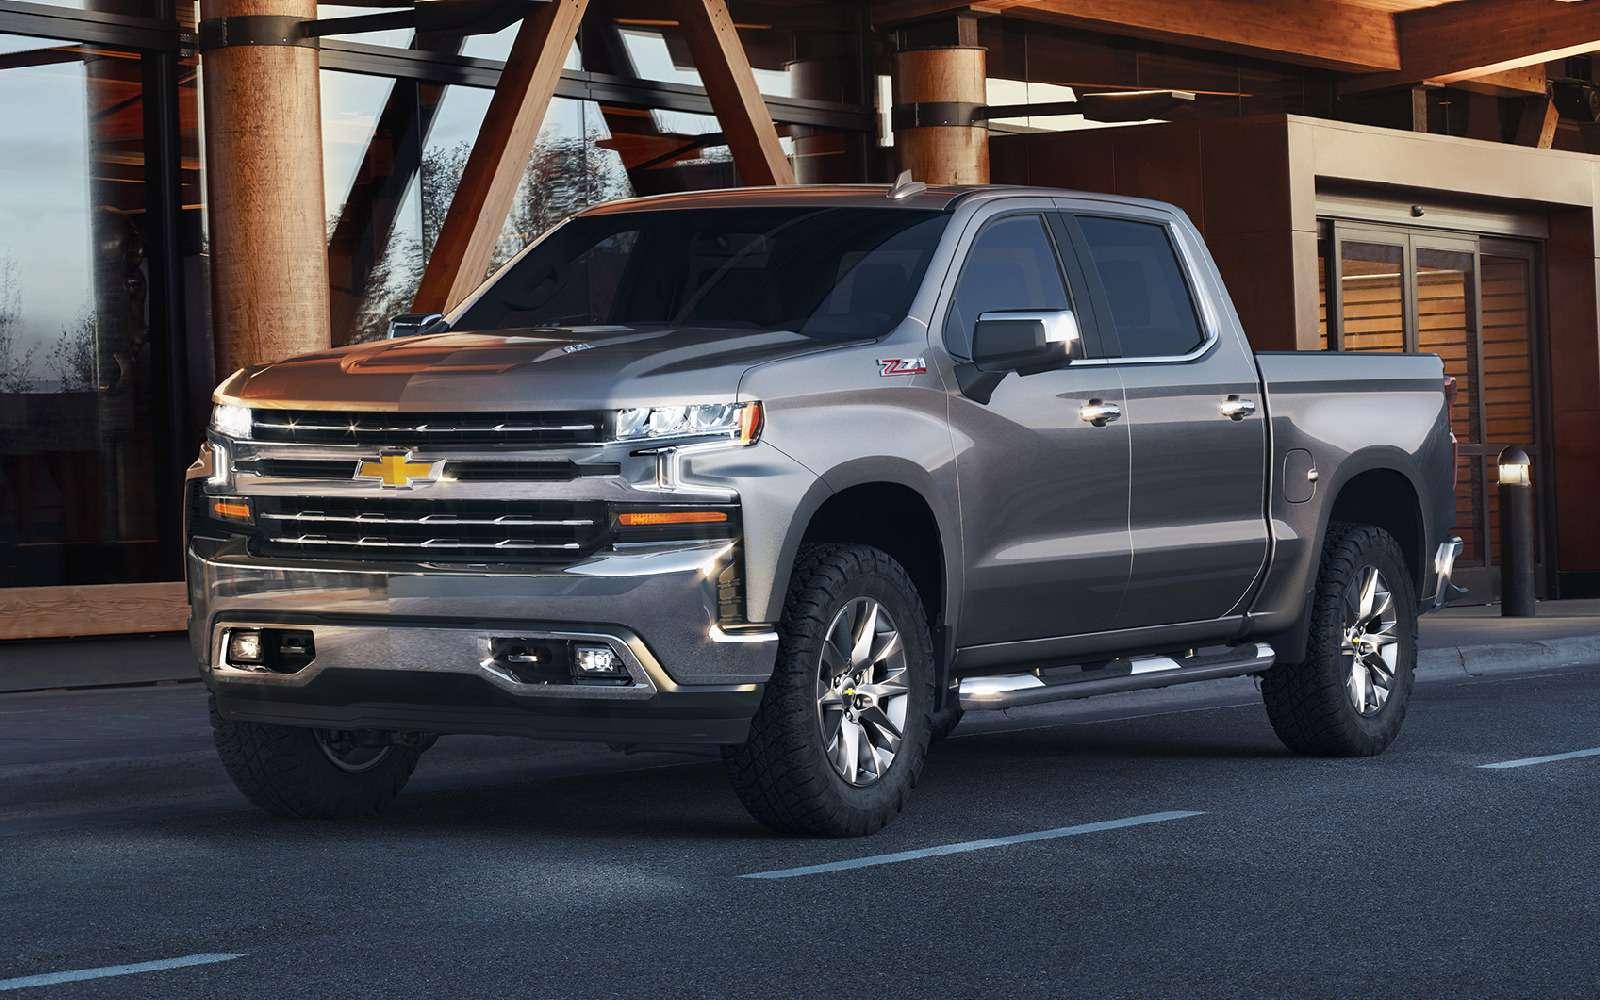 В погоне залидером: представлены новые Chevrolet Silverado иRam 1500— фото 836118